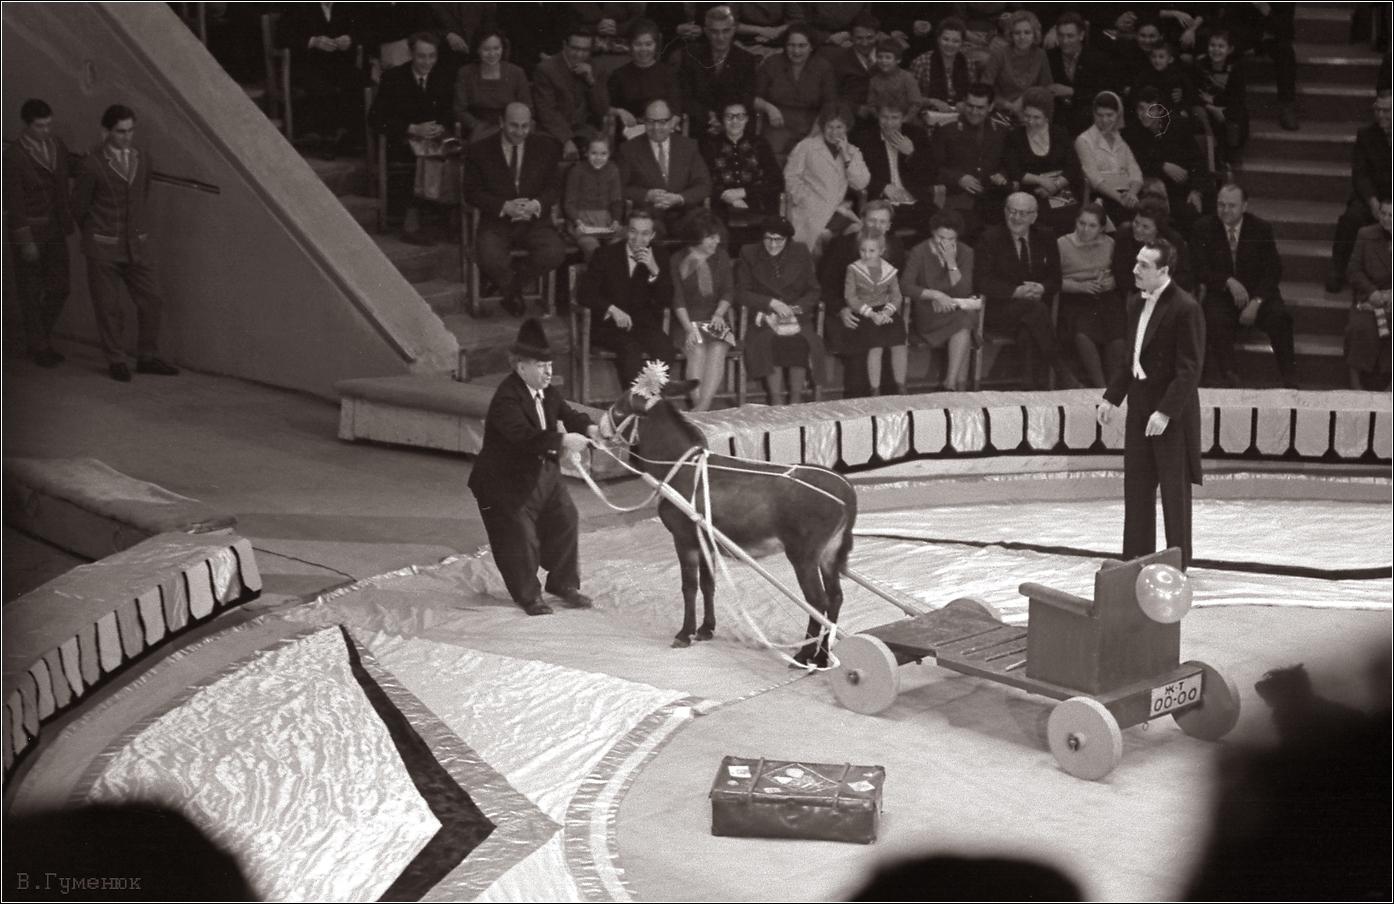 141. 1964. Цирк. Карандаш